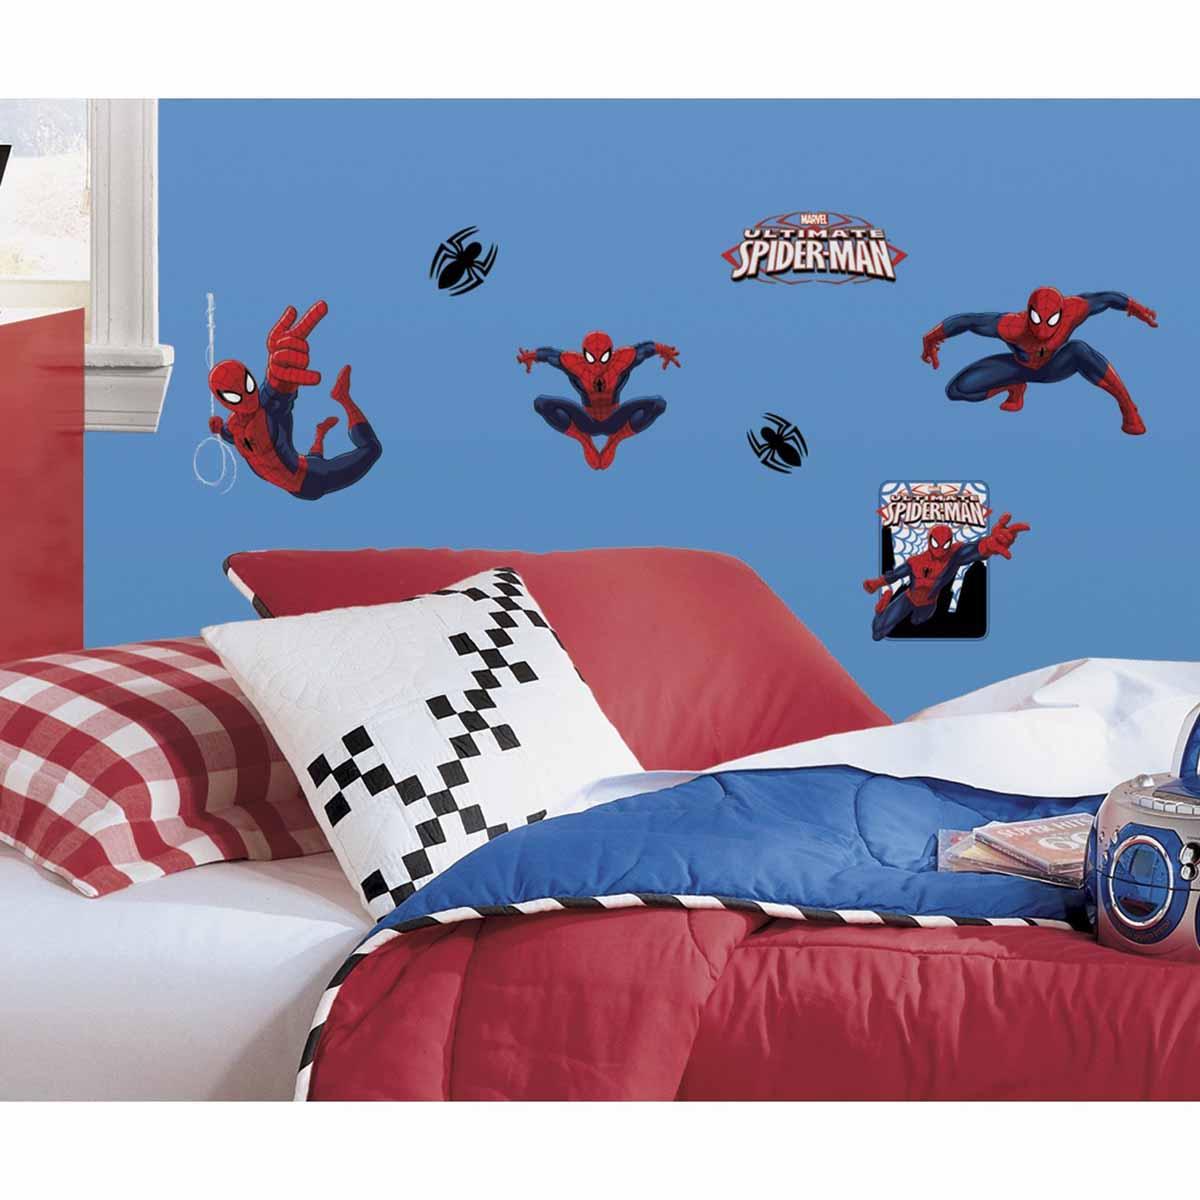 RoomMates Наклейки для декора Человек-паукRMK1795SCSНаклейки для декора Человек-паук от знаменитого производителя RoomMates станут украшением вашей квартиры! Новый красочный набор наклеек для декора оценит любой поклонник знаменитого комикса! Наклейки, входящие в набор, содержат изображения персонажей классического комикса про приключения Человека-Паука. Всего в наборе 22 стикера. Наклейки не нужно вырезать - их следует просто отсоединить от защитного слоя и поместить на стену или любую другую плоскую гладкую поверхность. Наклейки многоразовые: их легко переклеивать и снимать со стены, они не оставляют липких следов на поверхности. В каждой индивидуальной упаковке вы можете найти 4 листа с различными наклейками! Таким образом, покупая наклейки фирмы RoomMates, вы получаете гораздо больший ассортимент наклеек, имея возможность украсить ими различные поверхности в доме.